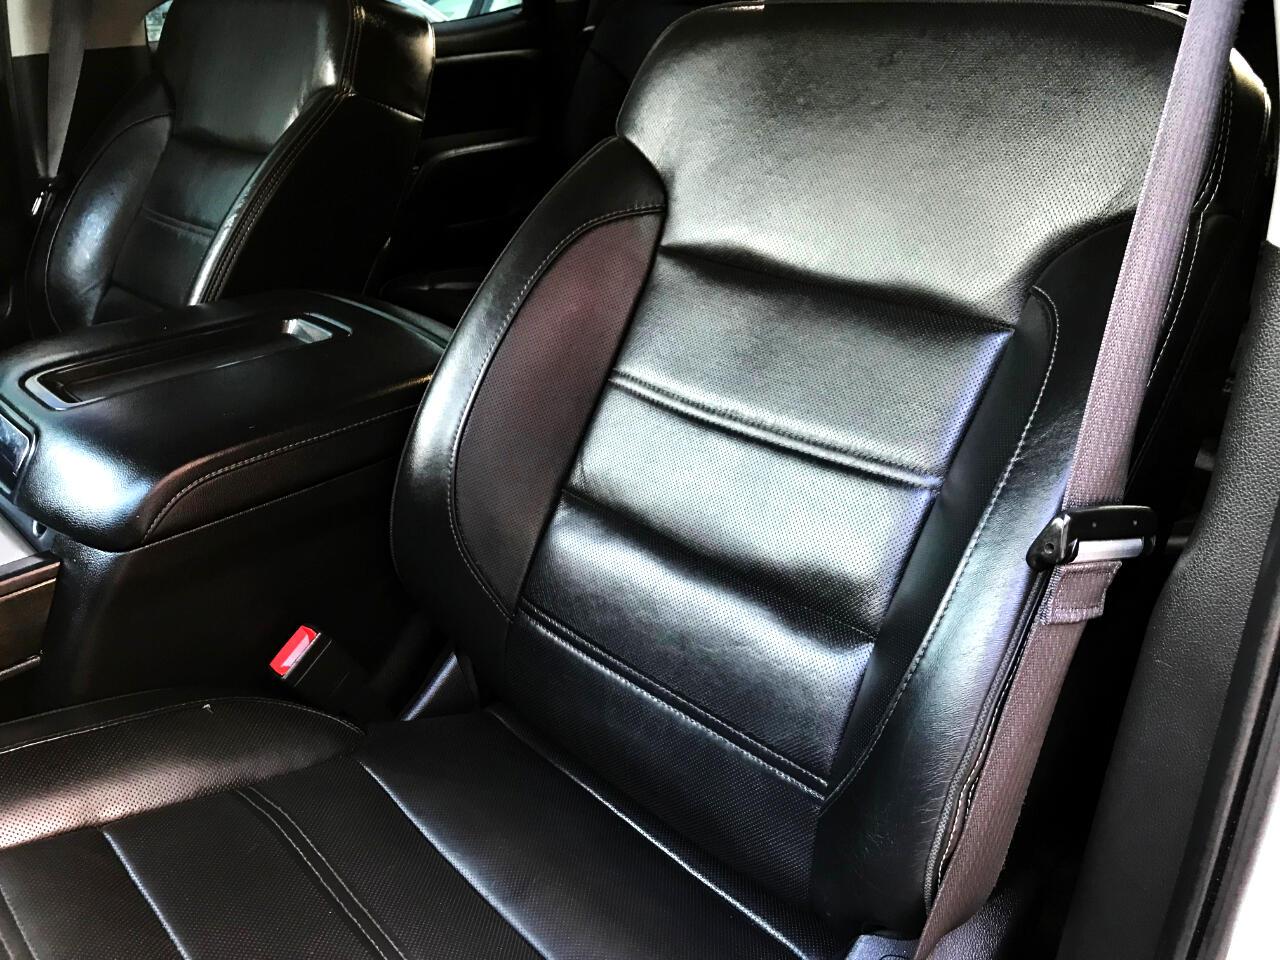 2015 GMC Sierra 2500HD DENALI CREW CAB SHORT BED 4WD CUSTOM LEVELED